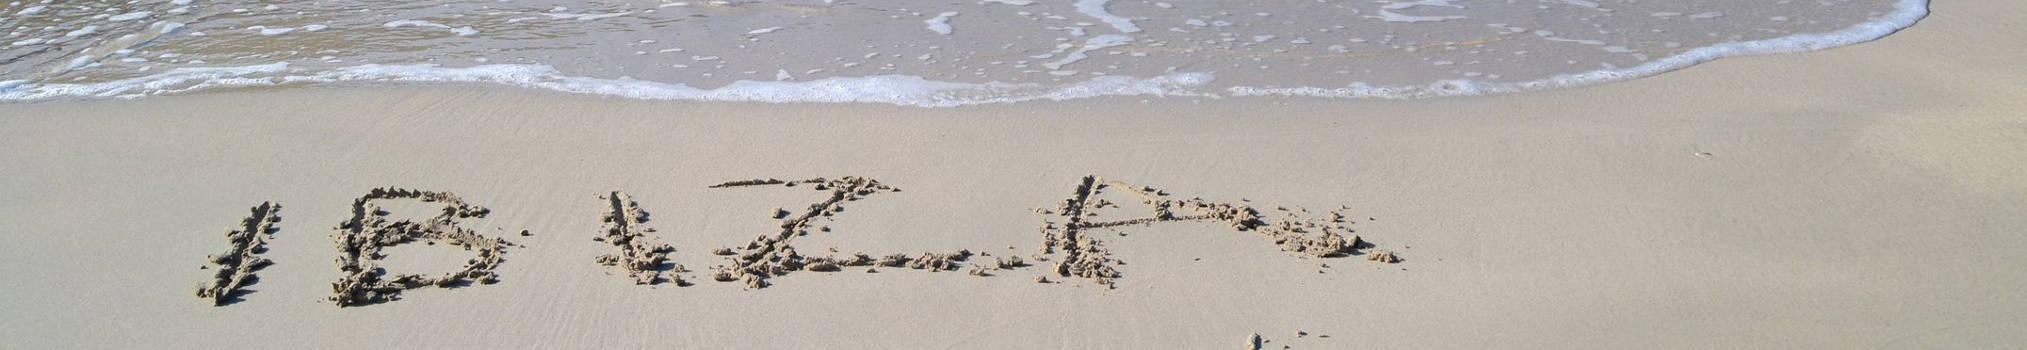 Offerta Pacchetti Vacanze Ibiza a prezzi scontati - Alpitour